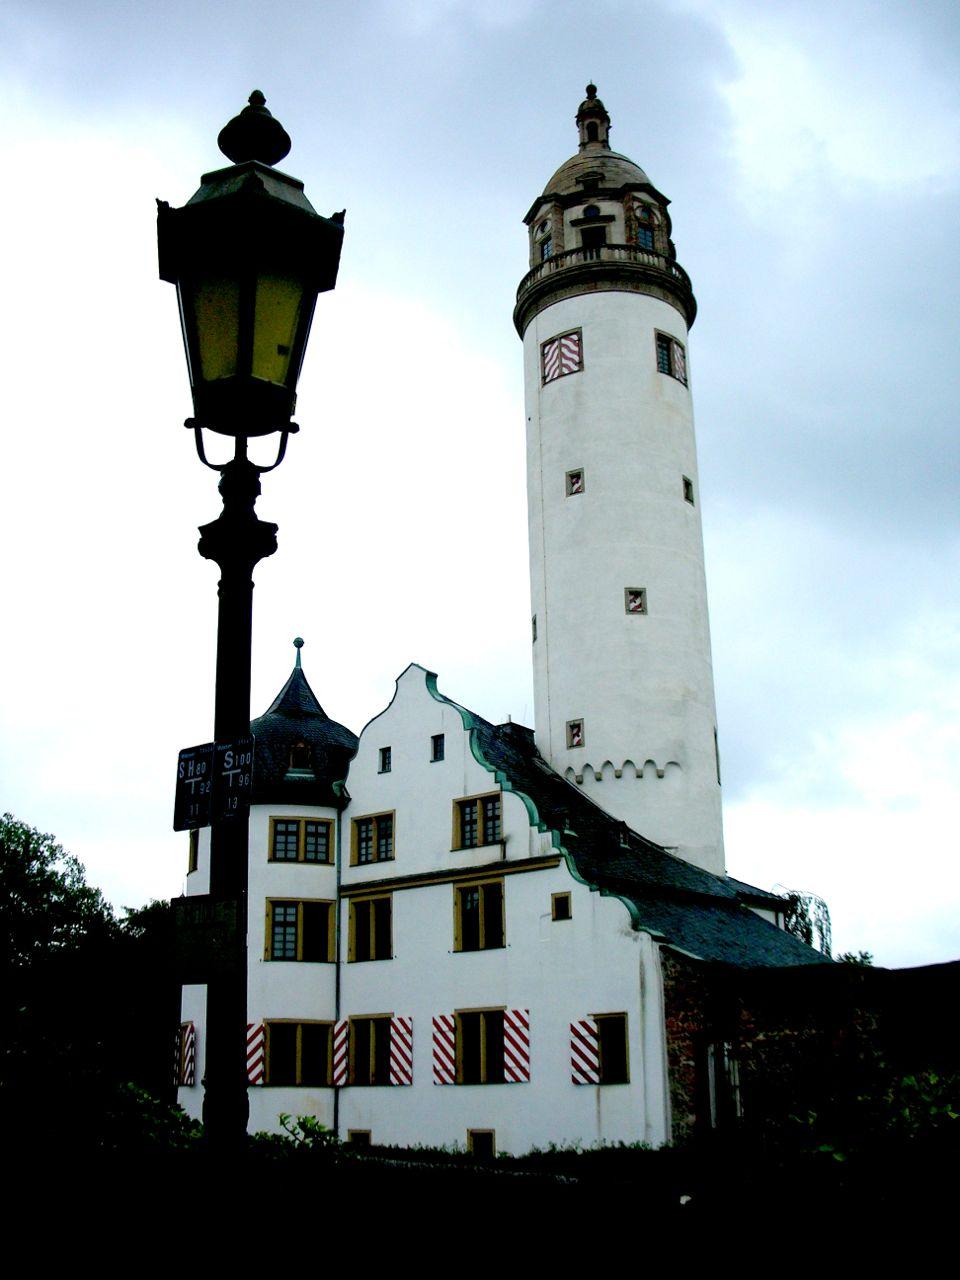 Dornröschenschloss in Höchst